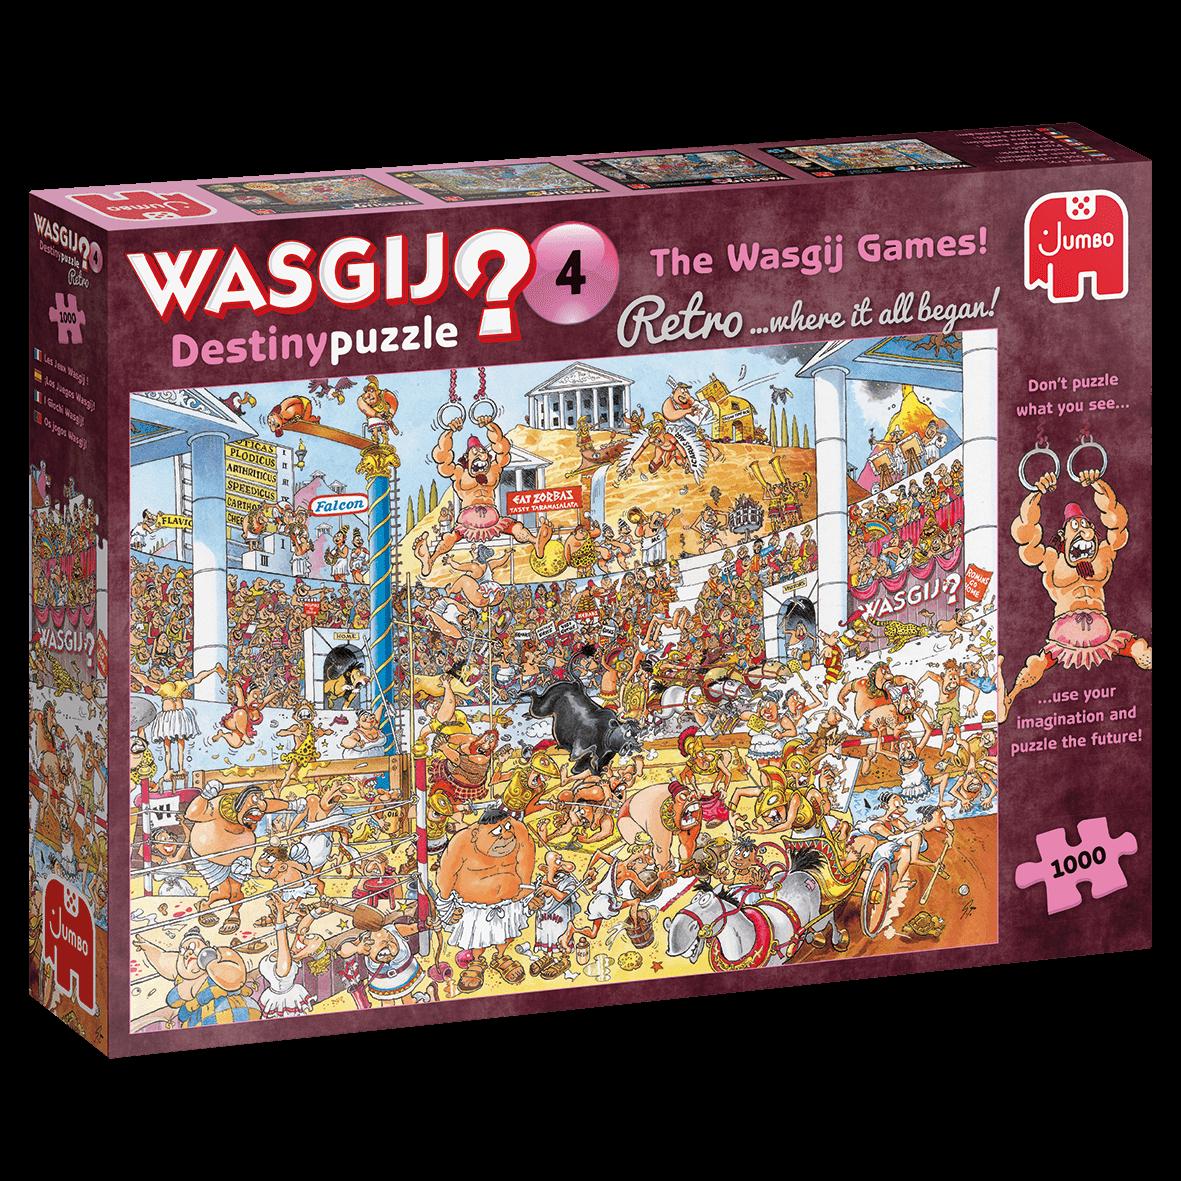 Jumbo 1000 pzs. WASGIJ, The Wasgij Games!